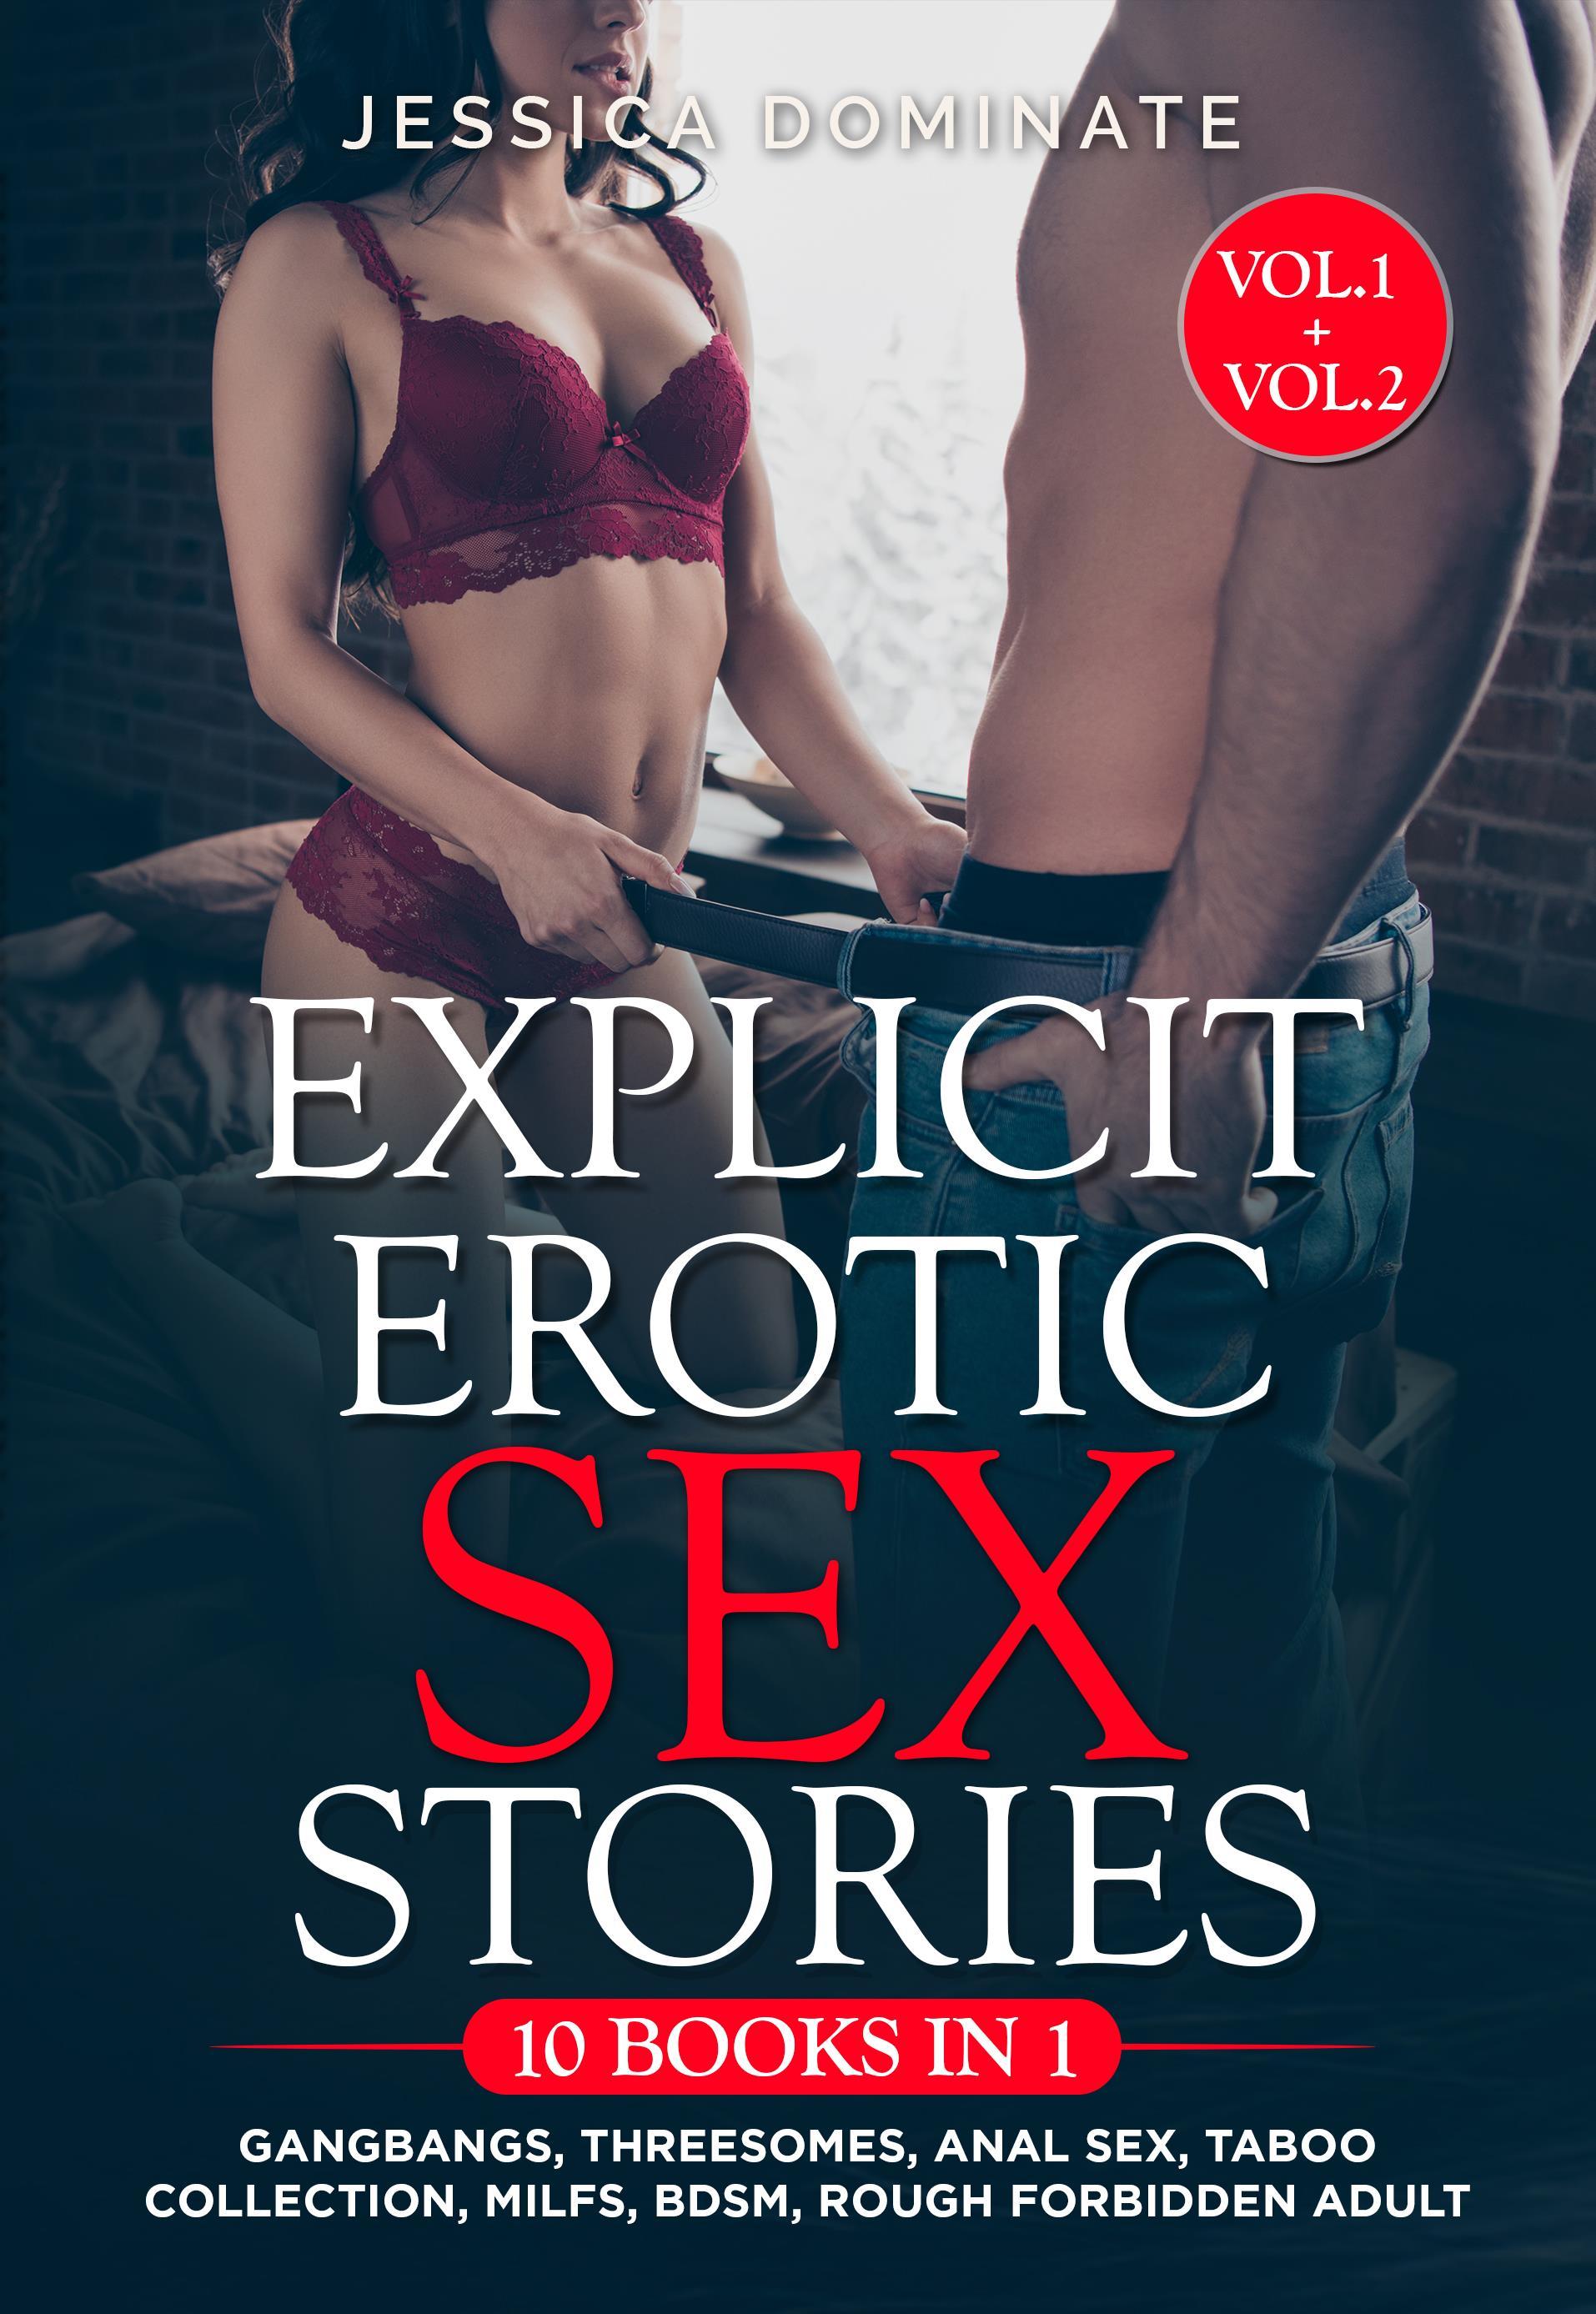 Explicit Erotic Sex Stories (10 Books in 1) Vol.1 + Vol.2